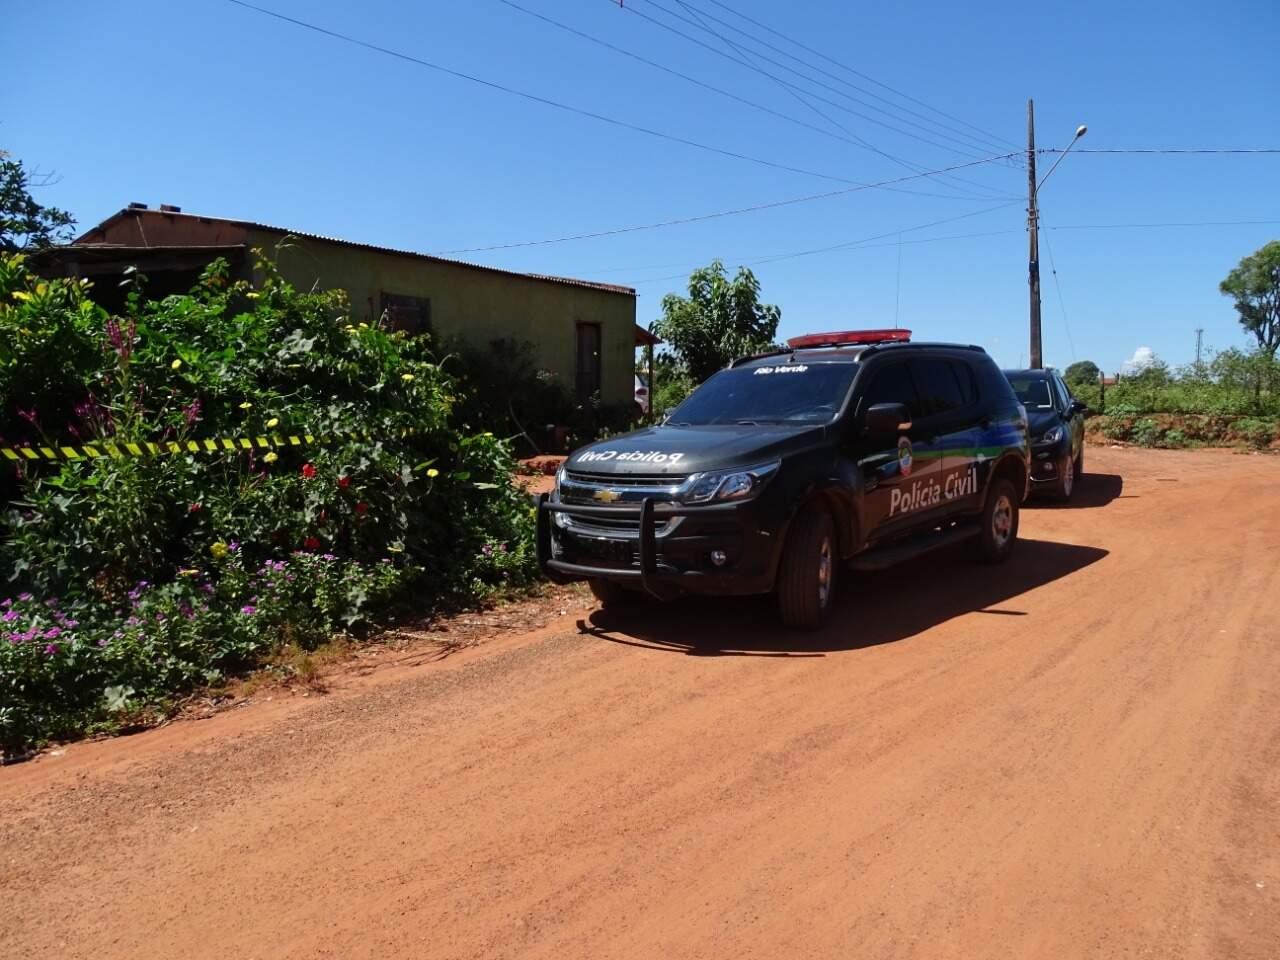 Viatura em frente ao local onde comerciante foi encontrado morto, na manhã desta segunda-feira (Foto: Sidney Assis)